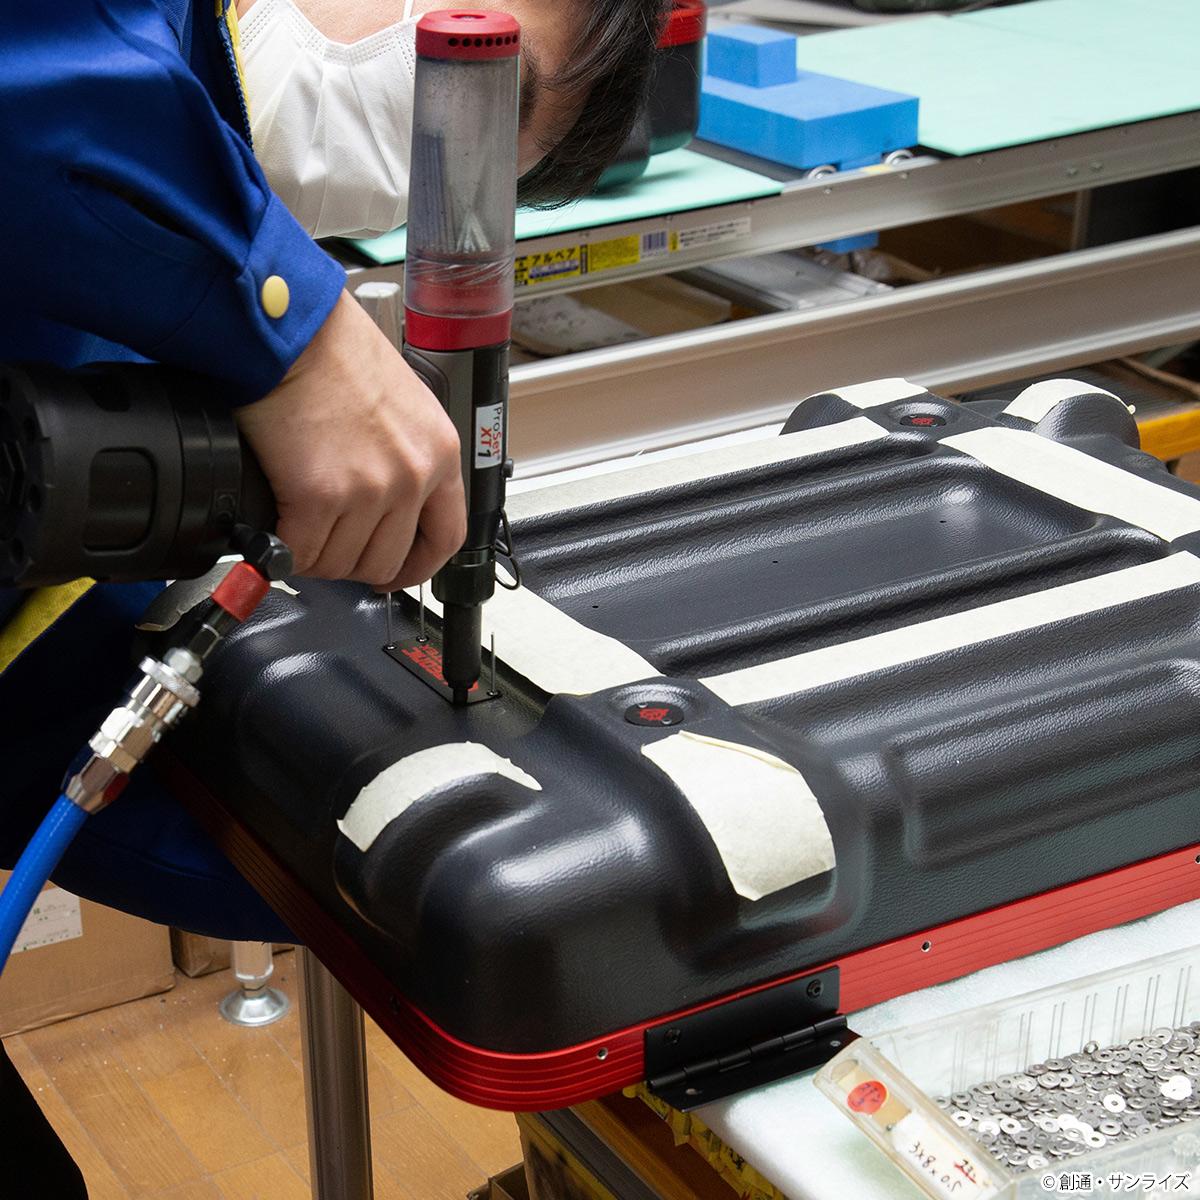 STRICT-G × PROTEX 『機動戦士ガンダム』 CR-4000 キャリーケース シャアモデル